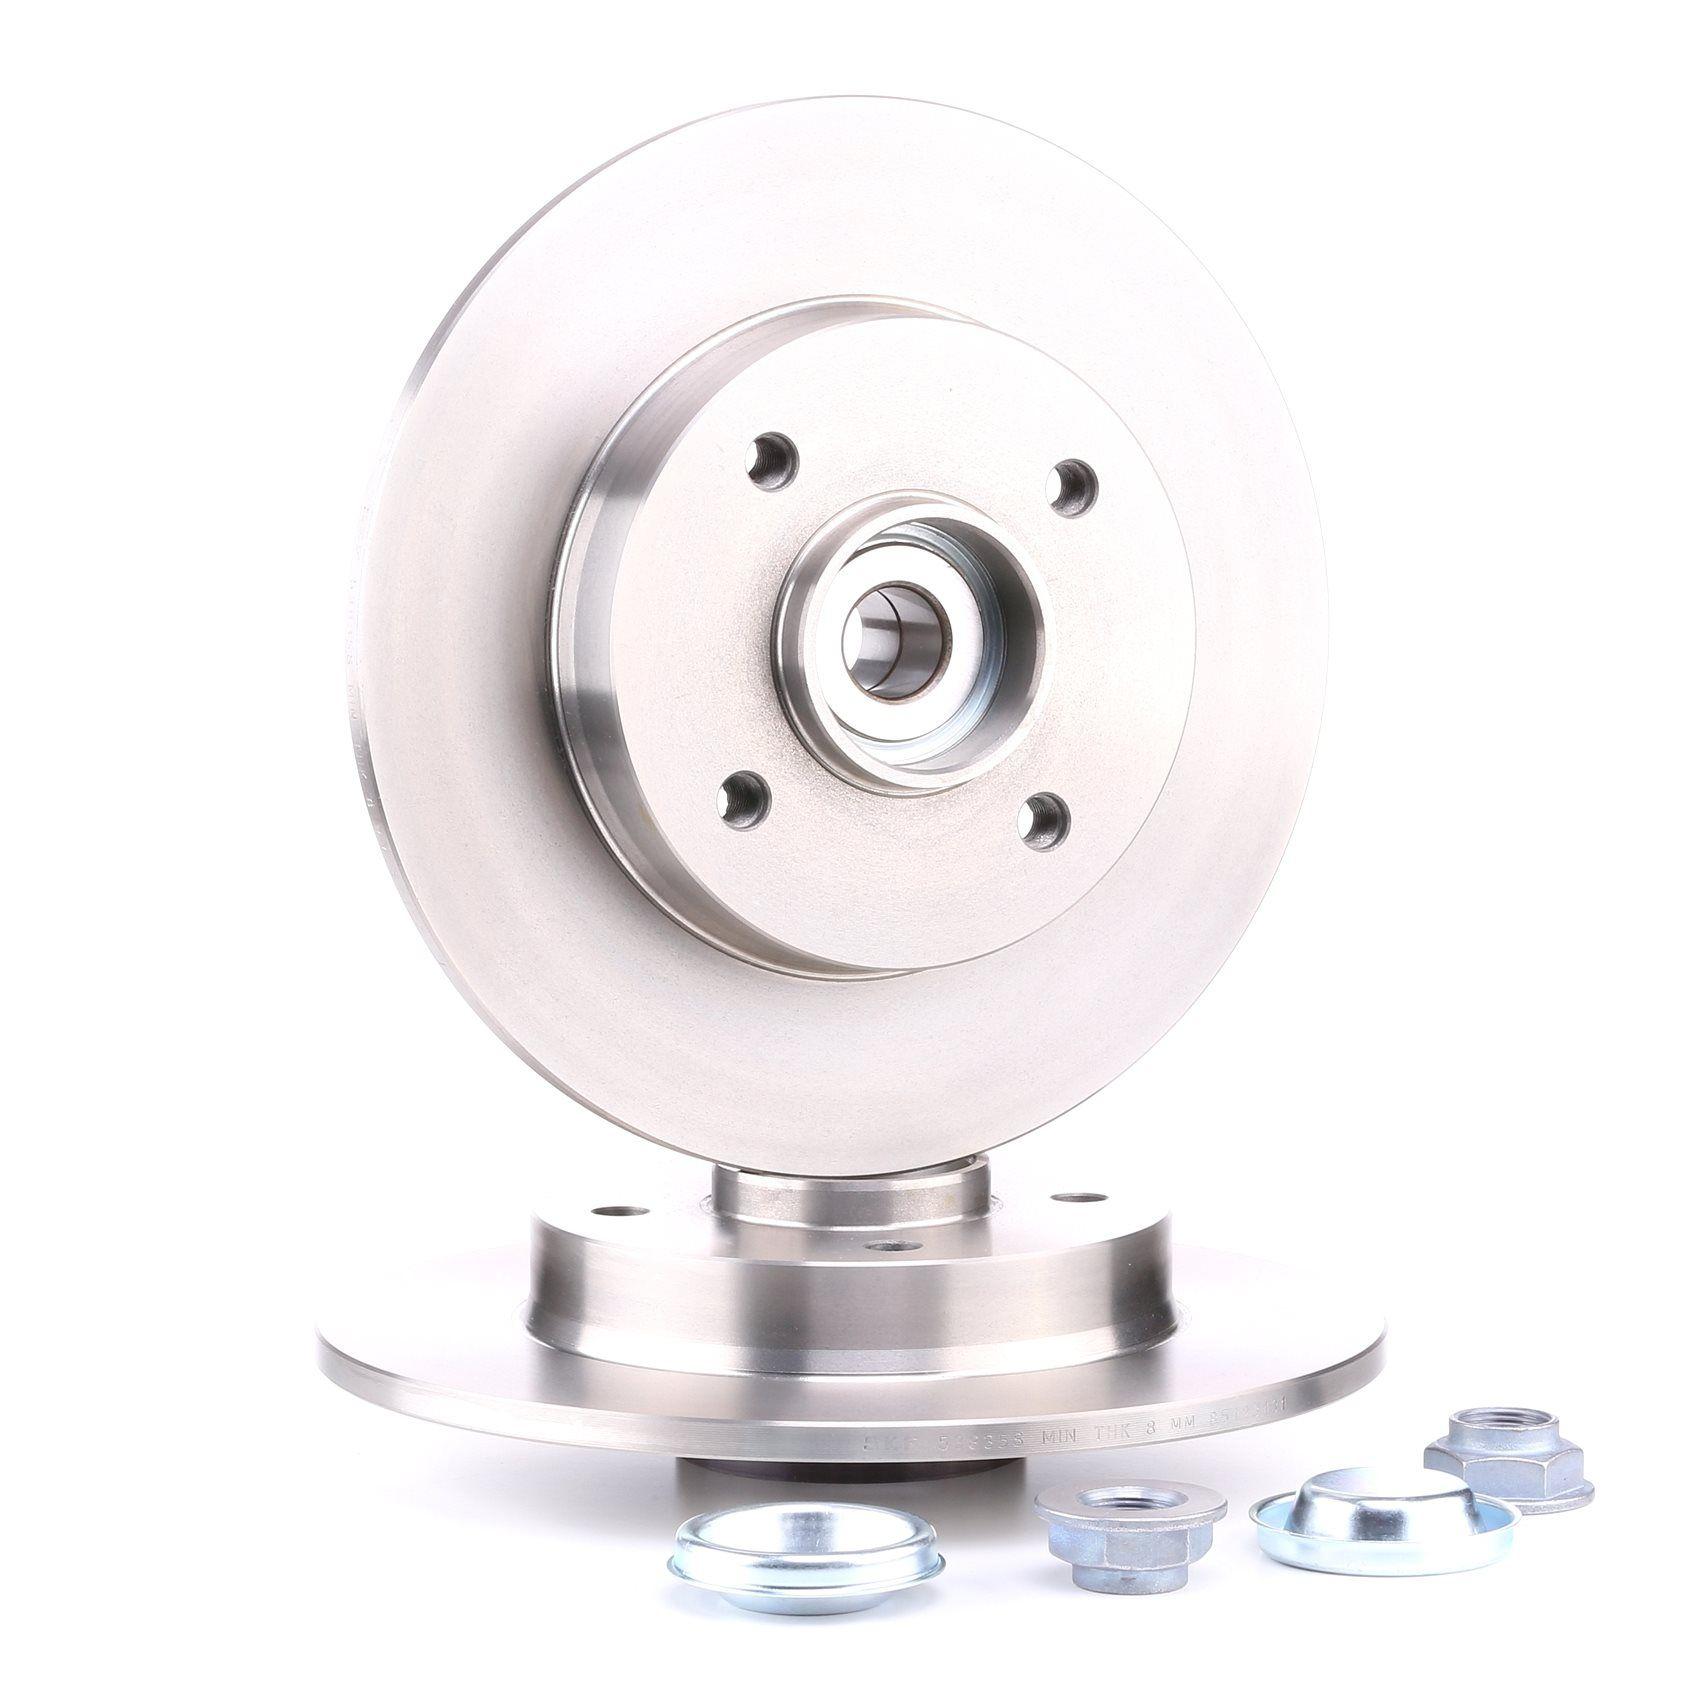 Achetez Disque de frein SKF VKBD 1011 (Ø: 249mm, Jante: 4Trou, Épaisseur du disque de frein: 9mm) à un rapport qualité-prix exceptionnel